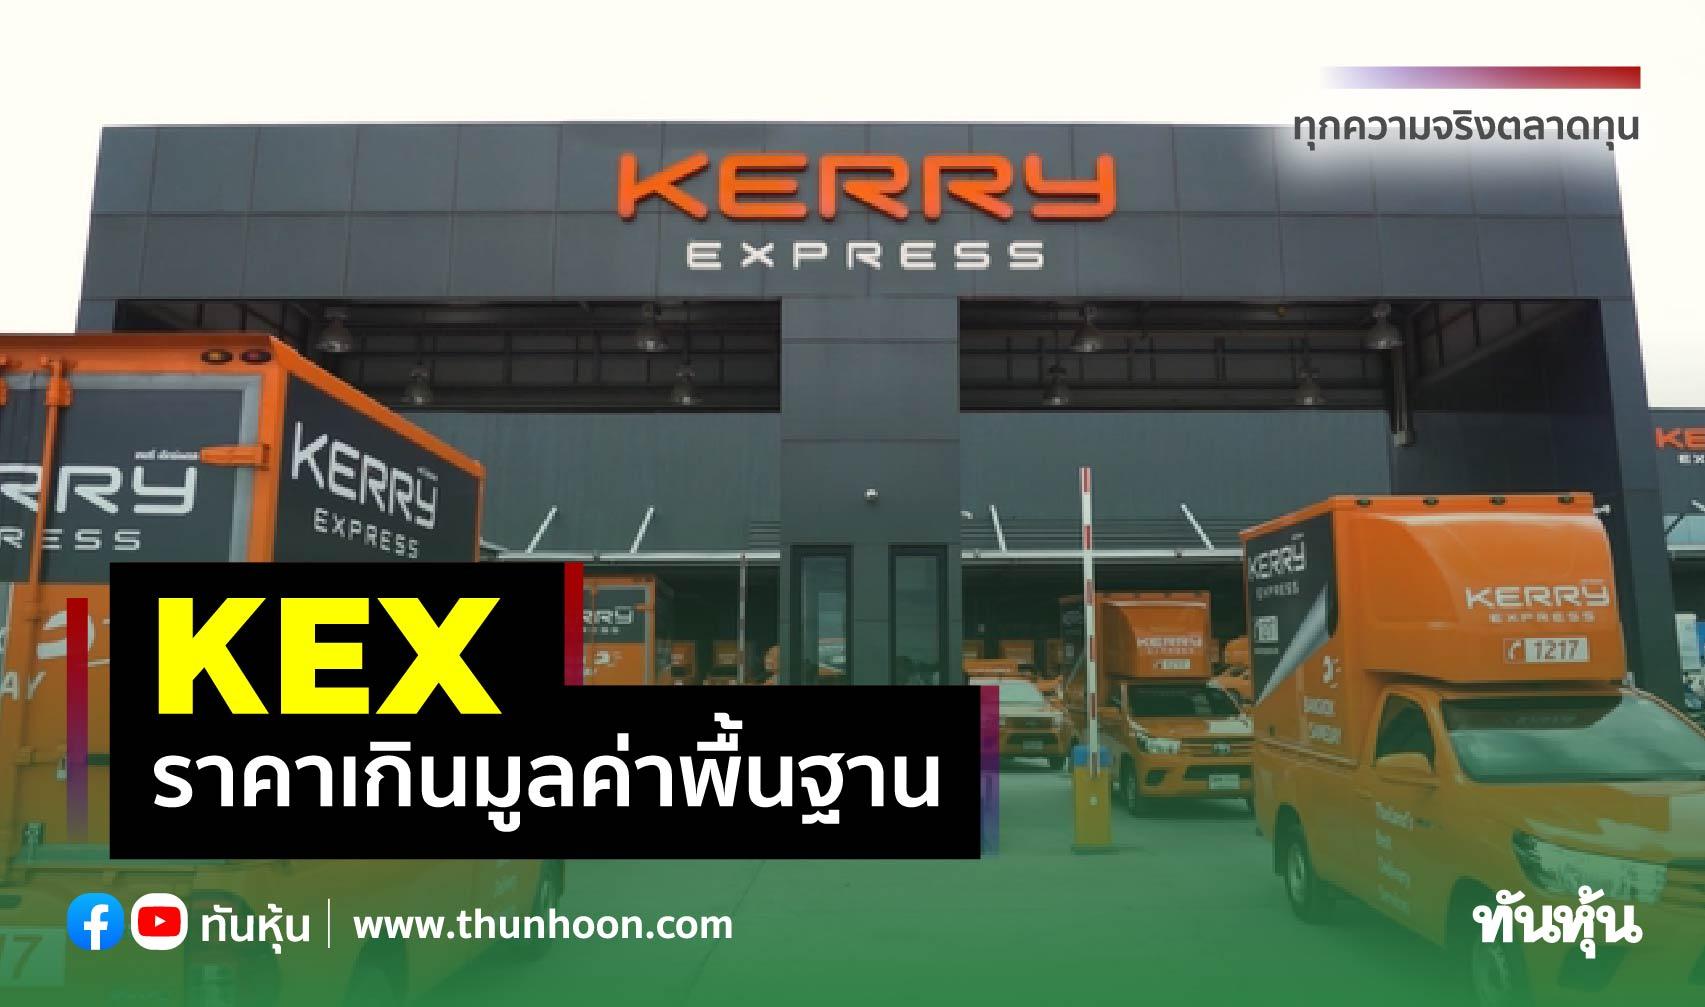 KEX ราคาเกินพื้นฐาน โบรกแนะ Switch-รอจังหวะซื้อใหม่